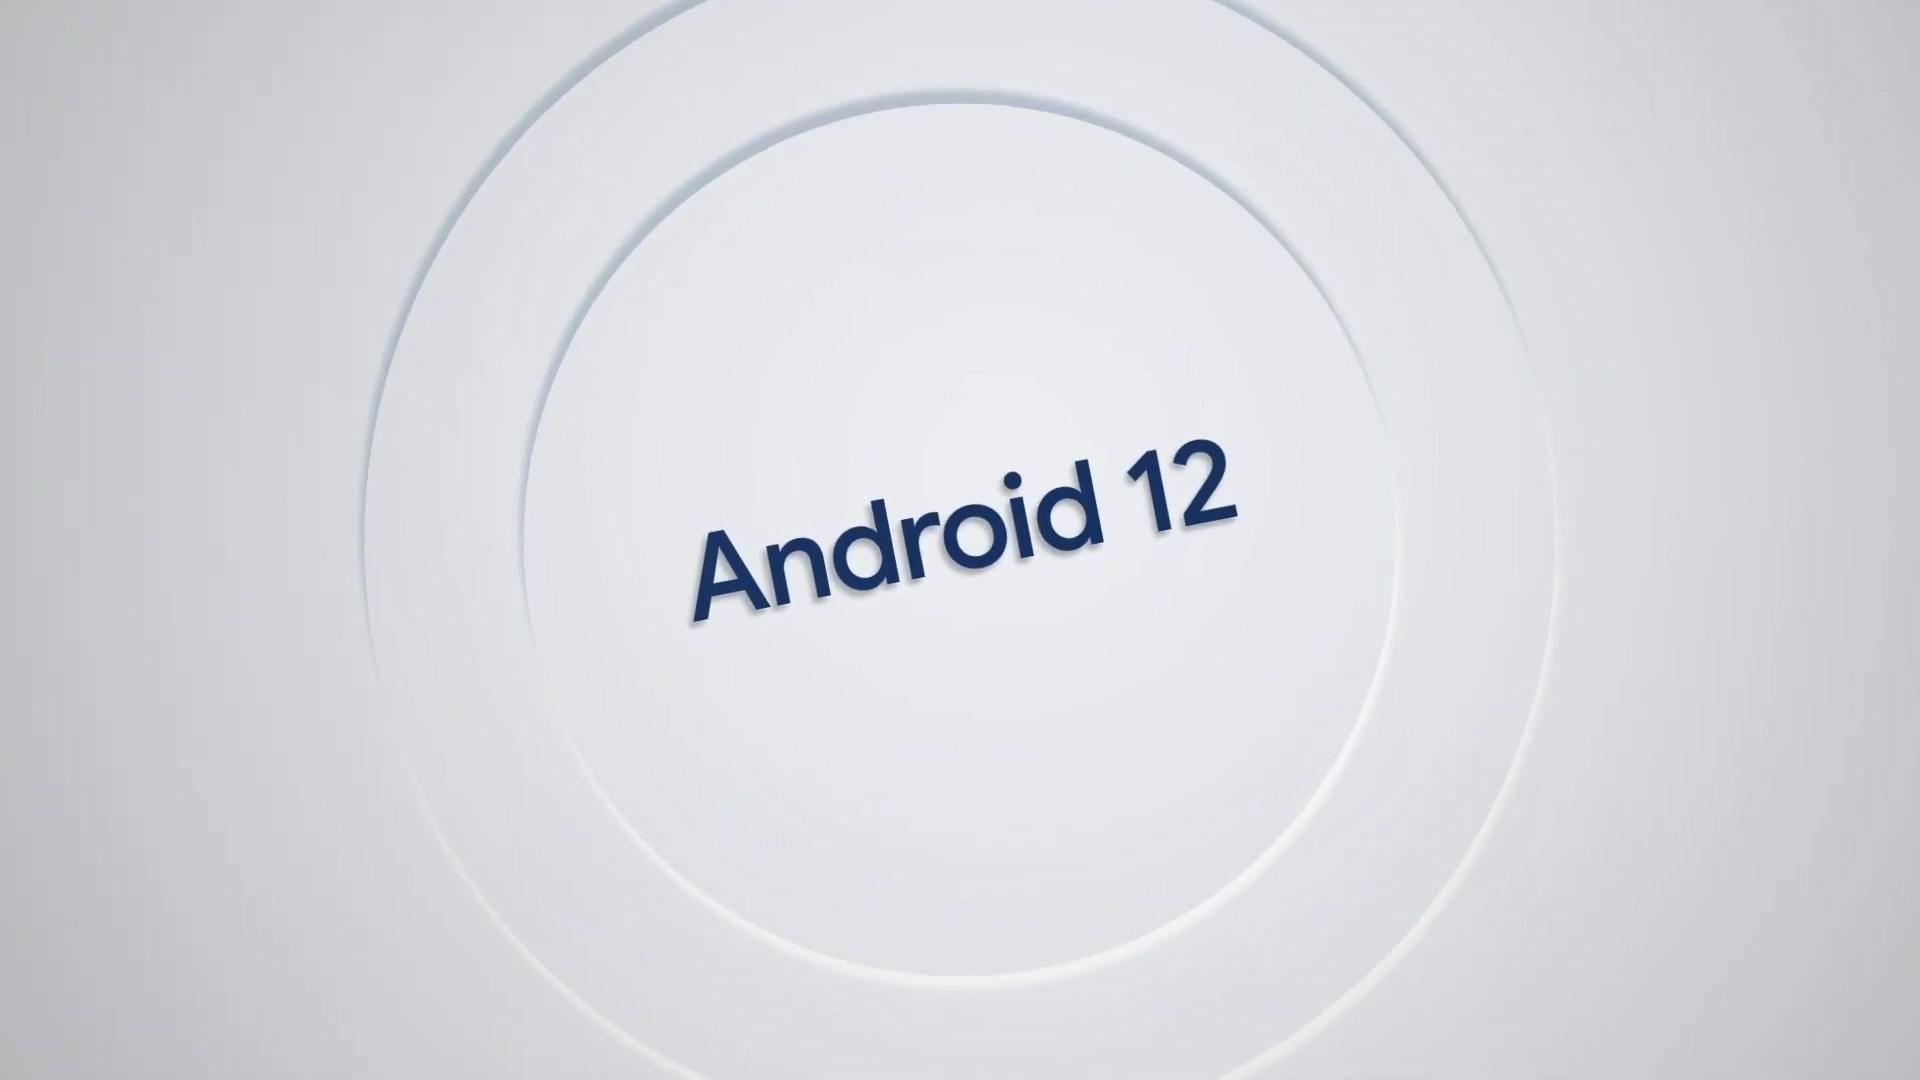 安卓12概念版:采用全新拟态化设计,多任务界面更人性化